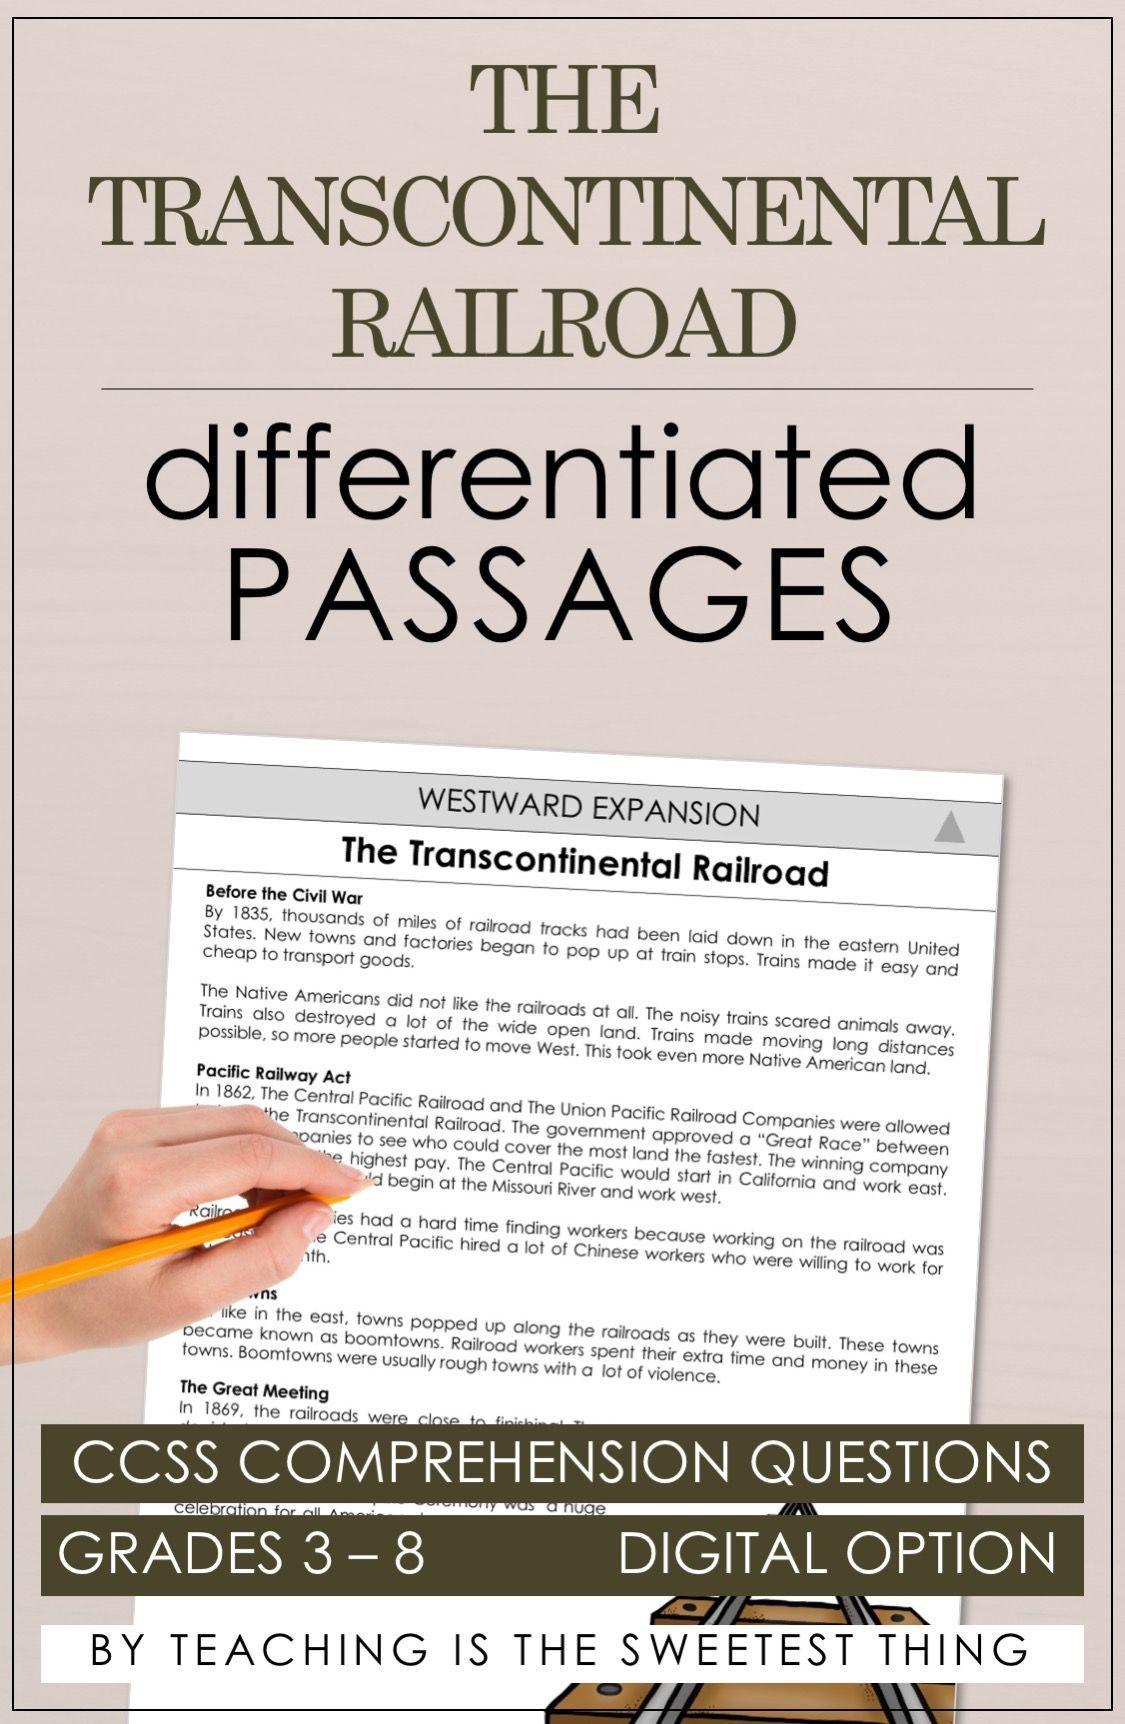 Westward Expansion Vol 1 Passages